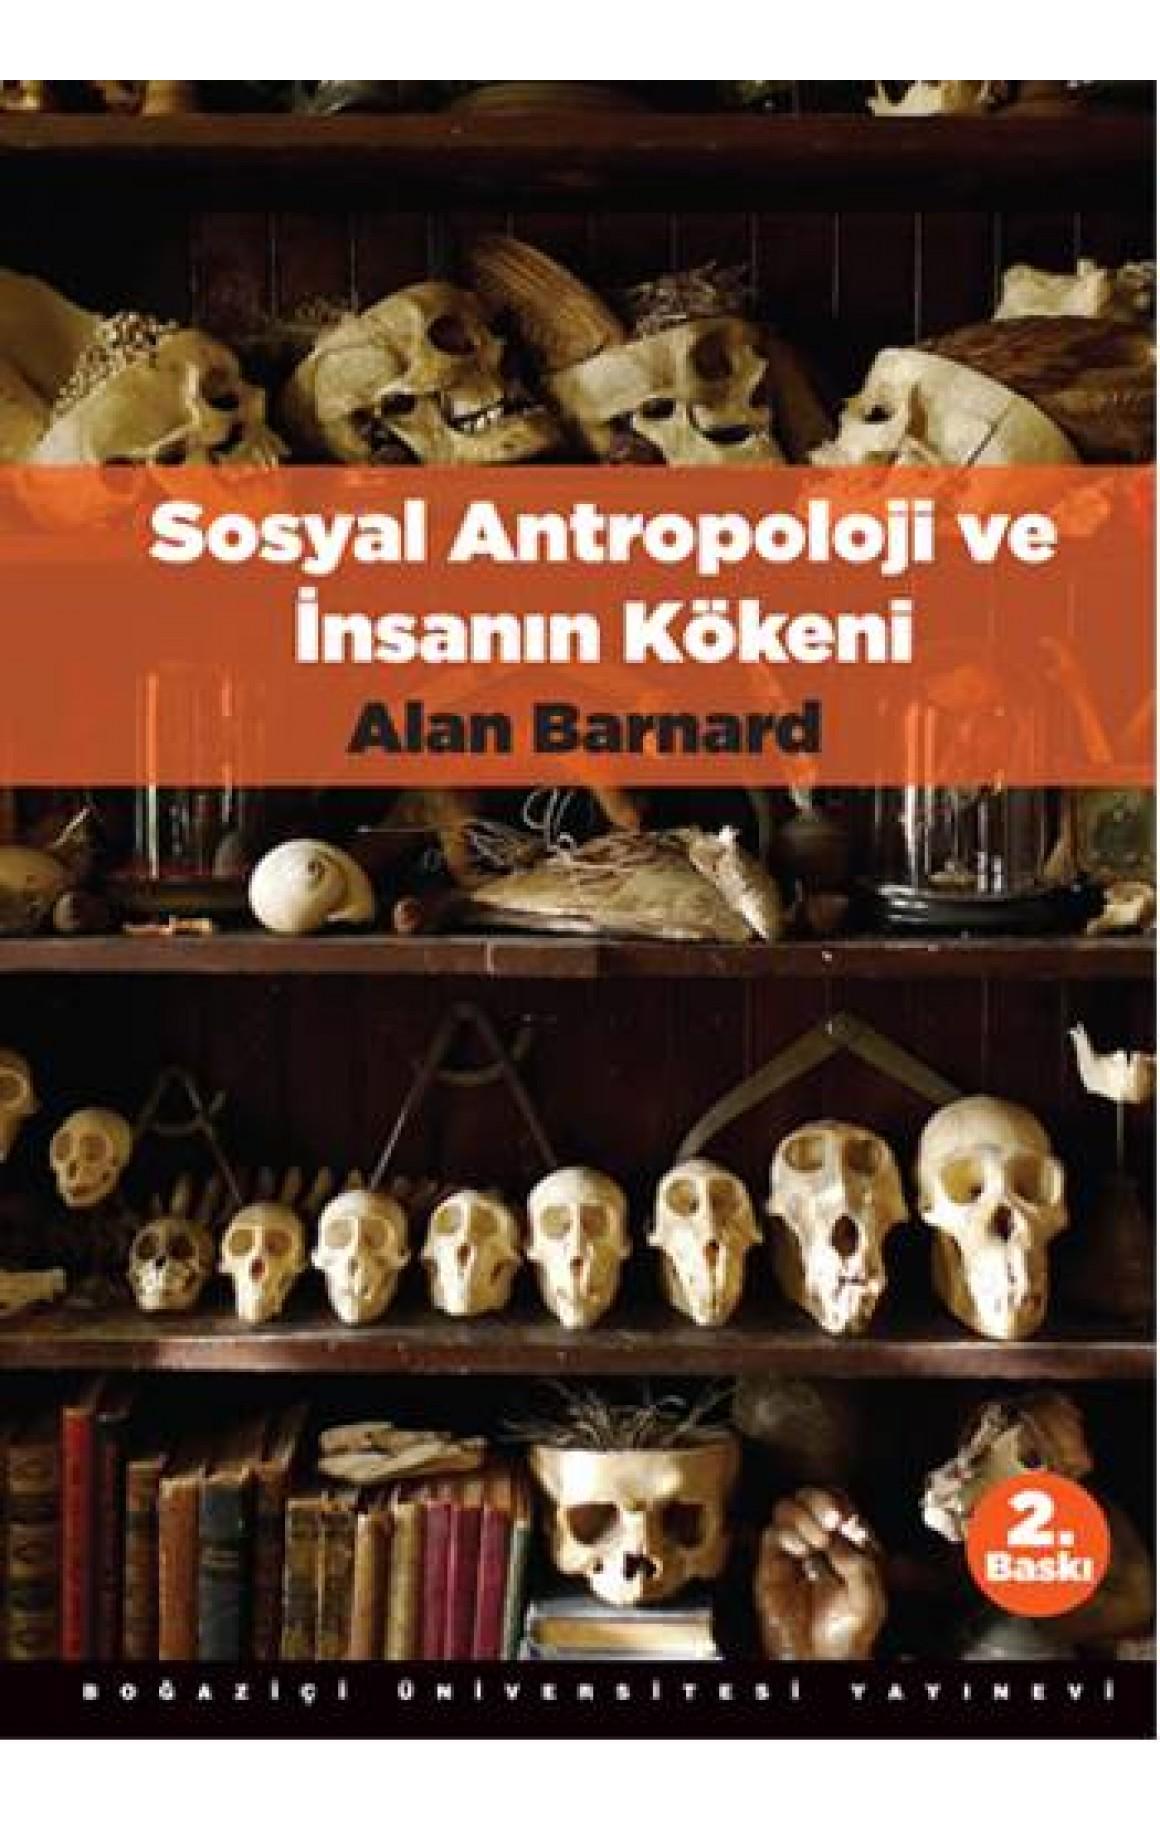 Sosyal Antropoloji ve İnsanin Kökeni